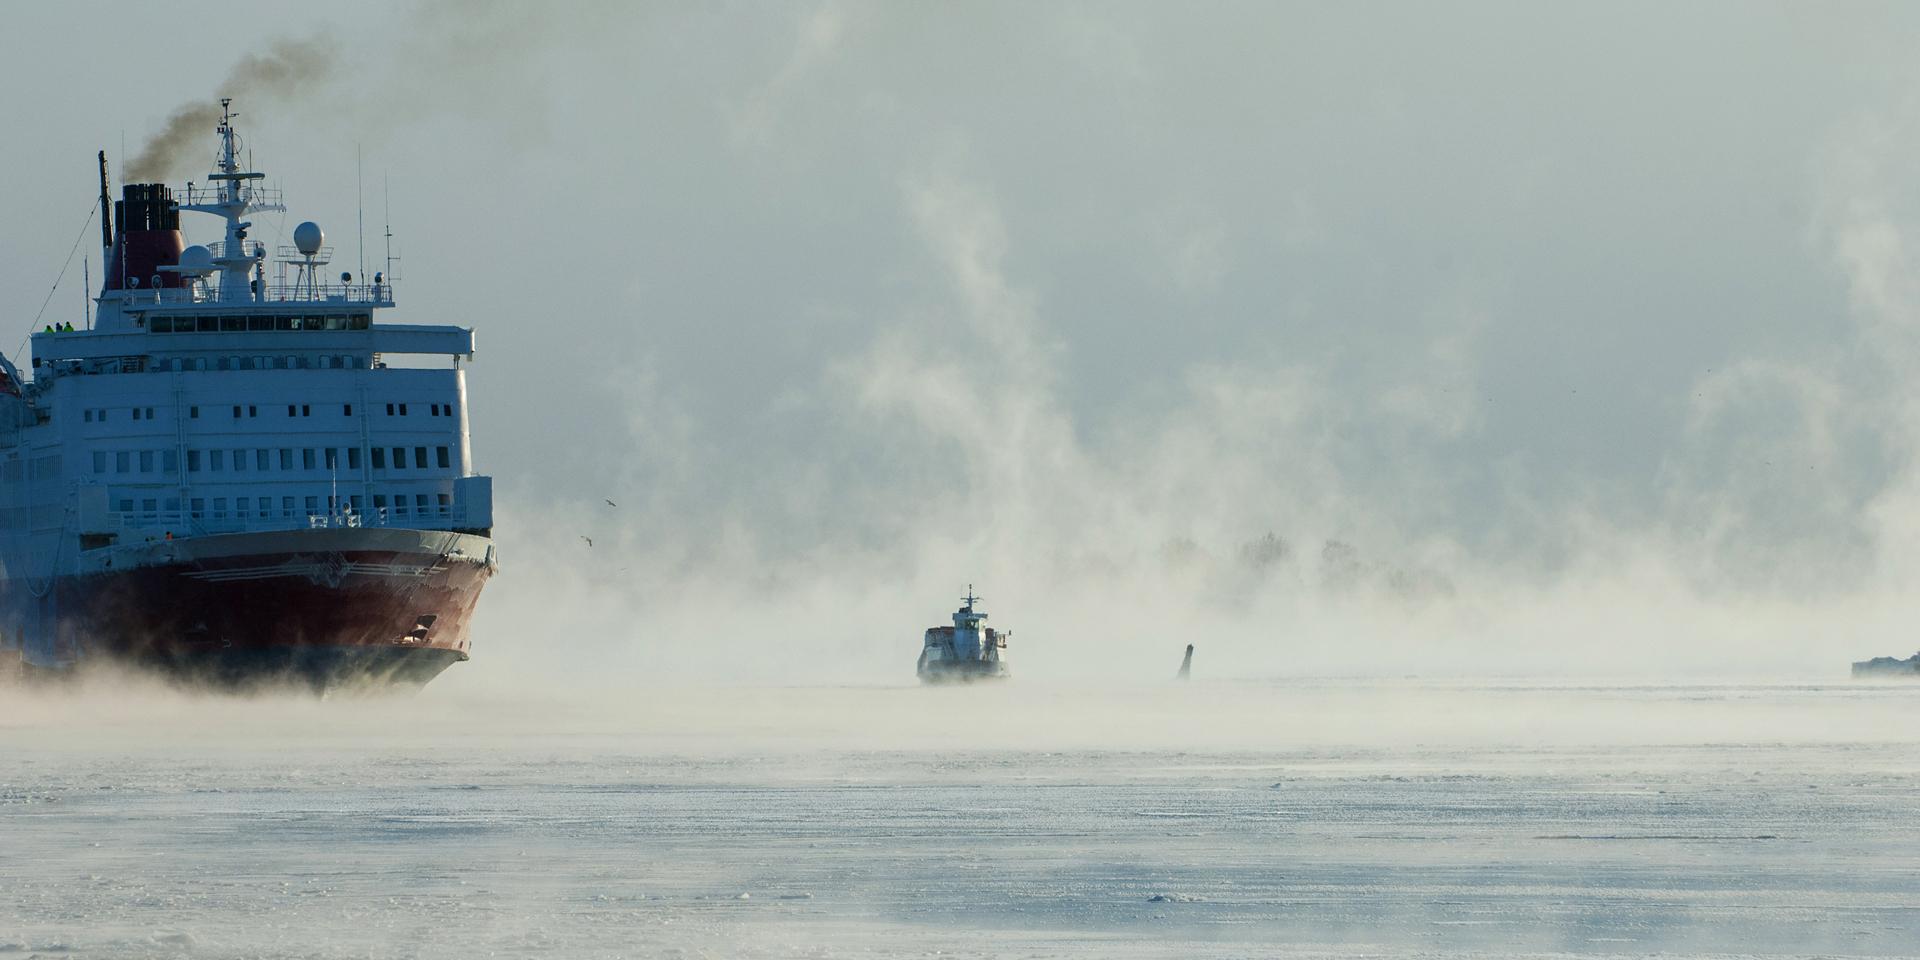 В Петербурге строят самый большой в мире атомный ледокол